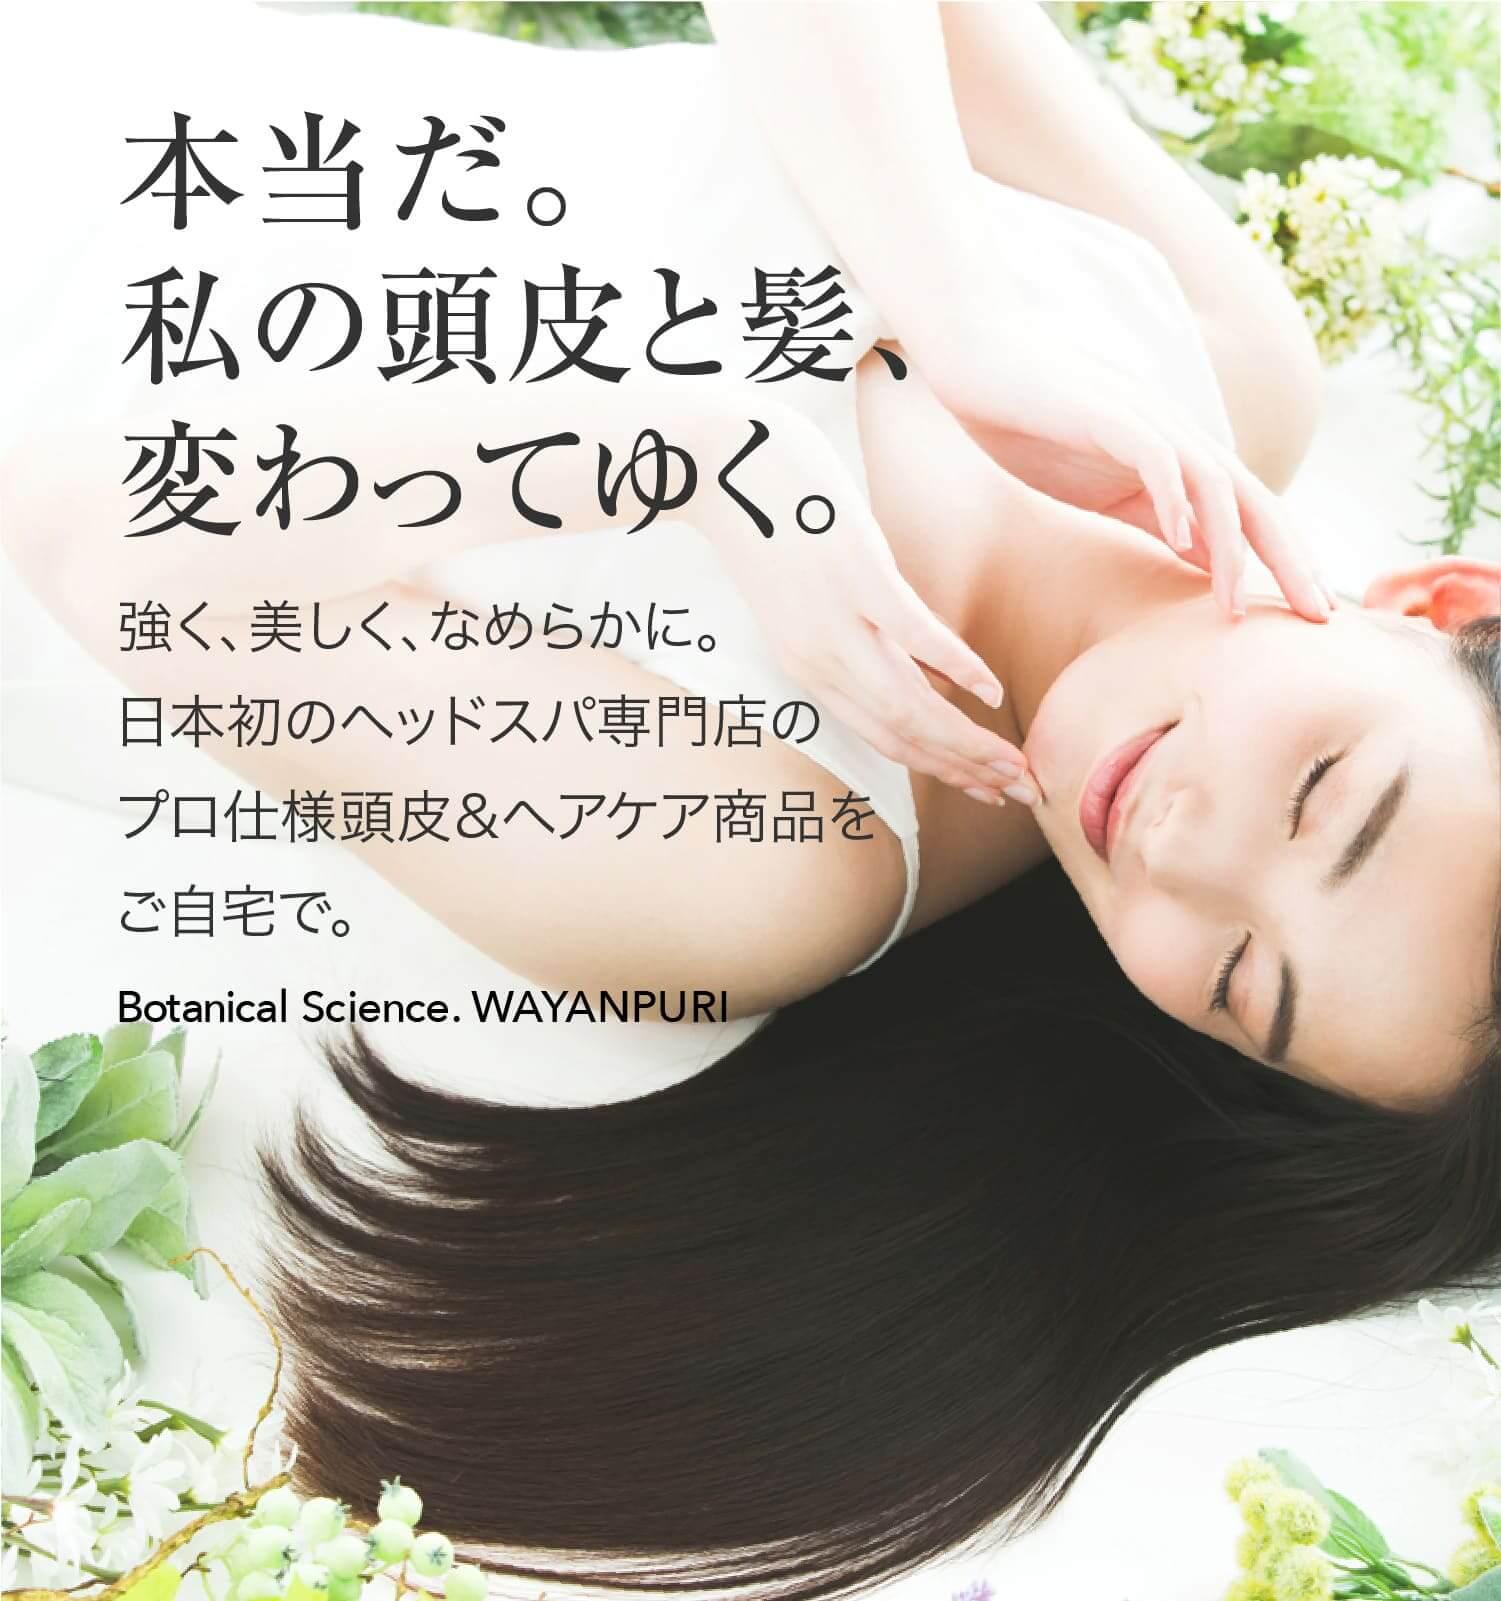 本当だ。私の髪、変わってゆく。強く、美しく、なめらかに。日本初のヘッドスパ専門店のプロ仕様ヘアケア商品をご自宅で。Botanical Science. WAYANPURI